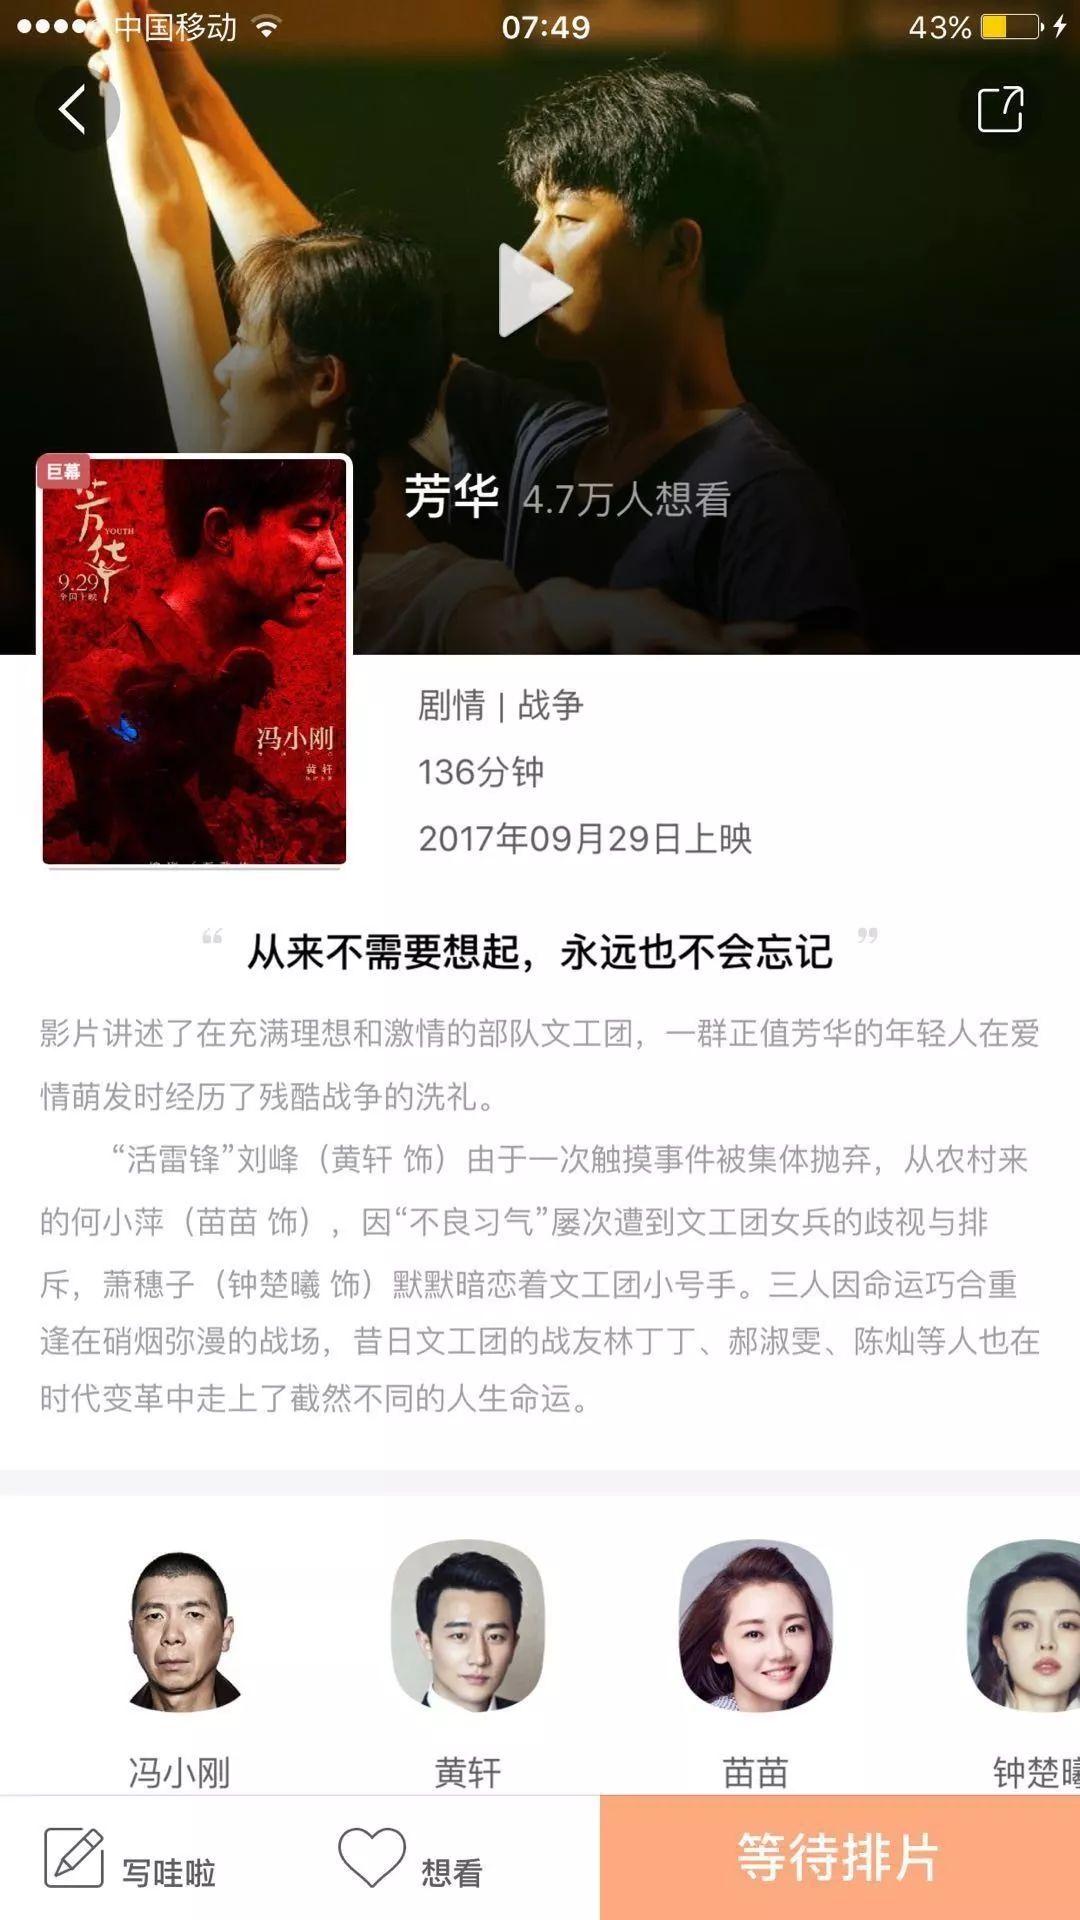 《芳华》突然撤离国庆档 冯小刚的6.7亿赌局怎么办?